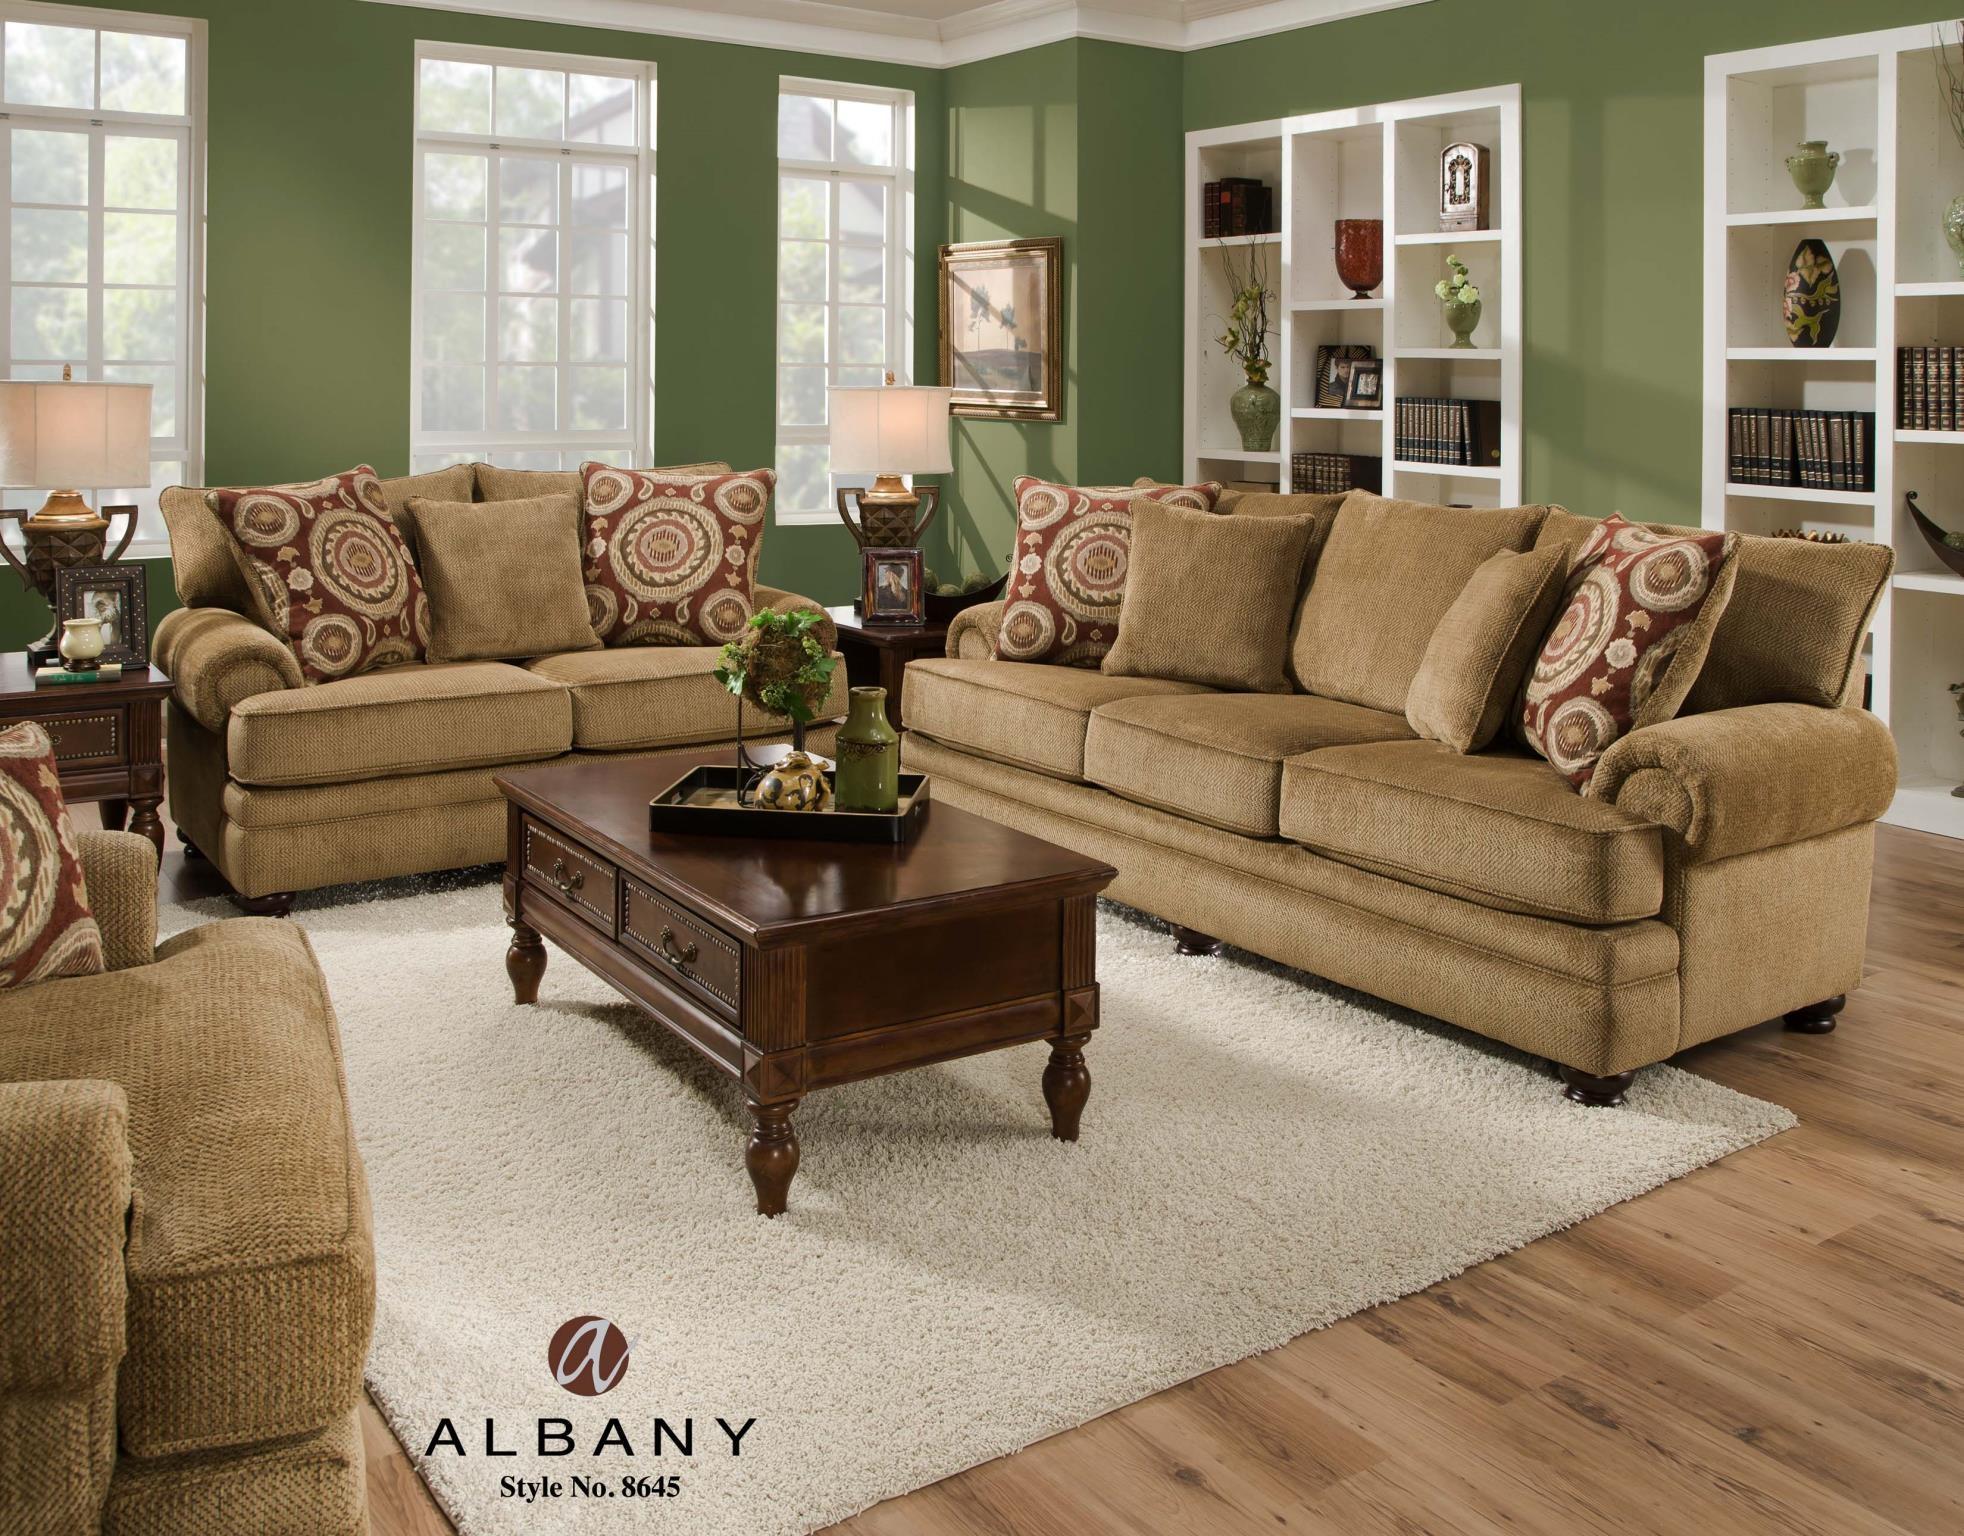 Albany Sofa And Loveseat 8645 00/10